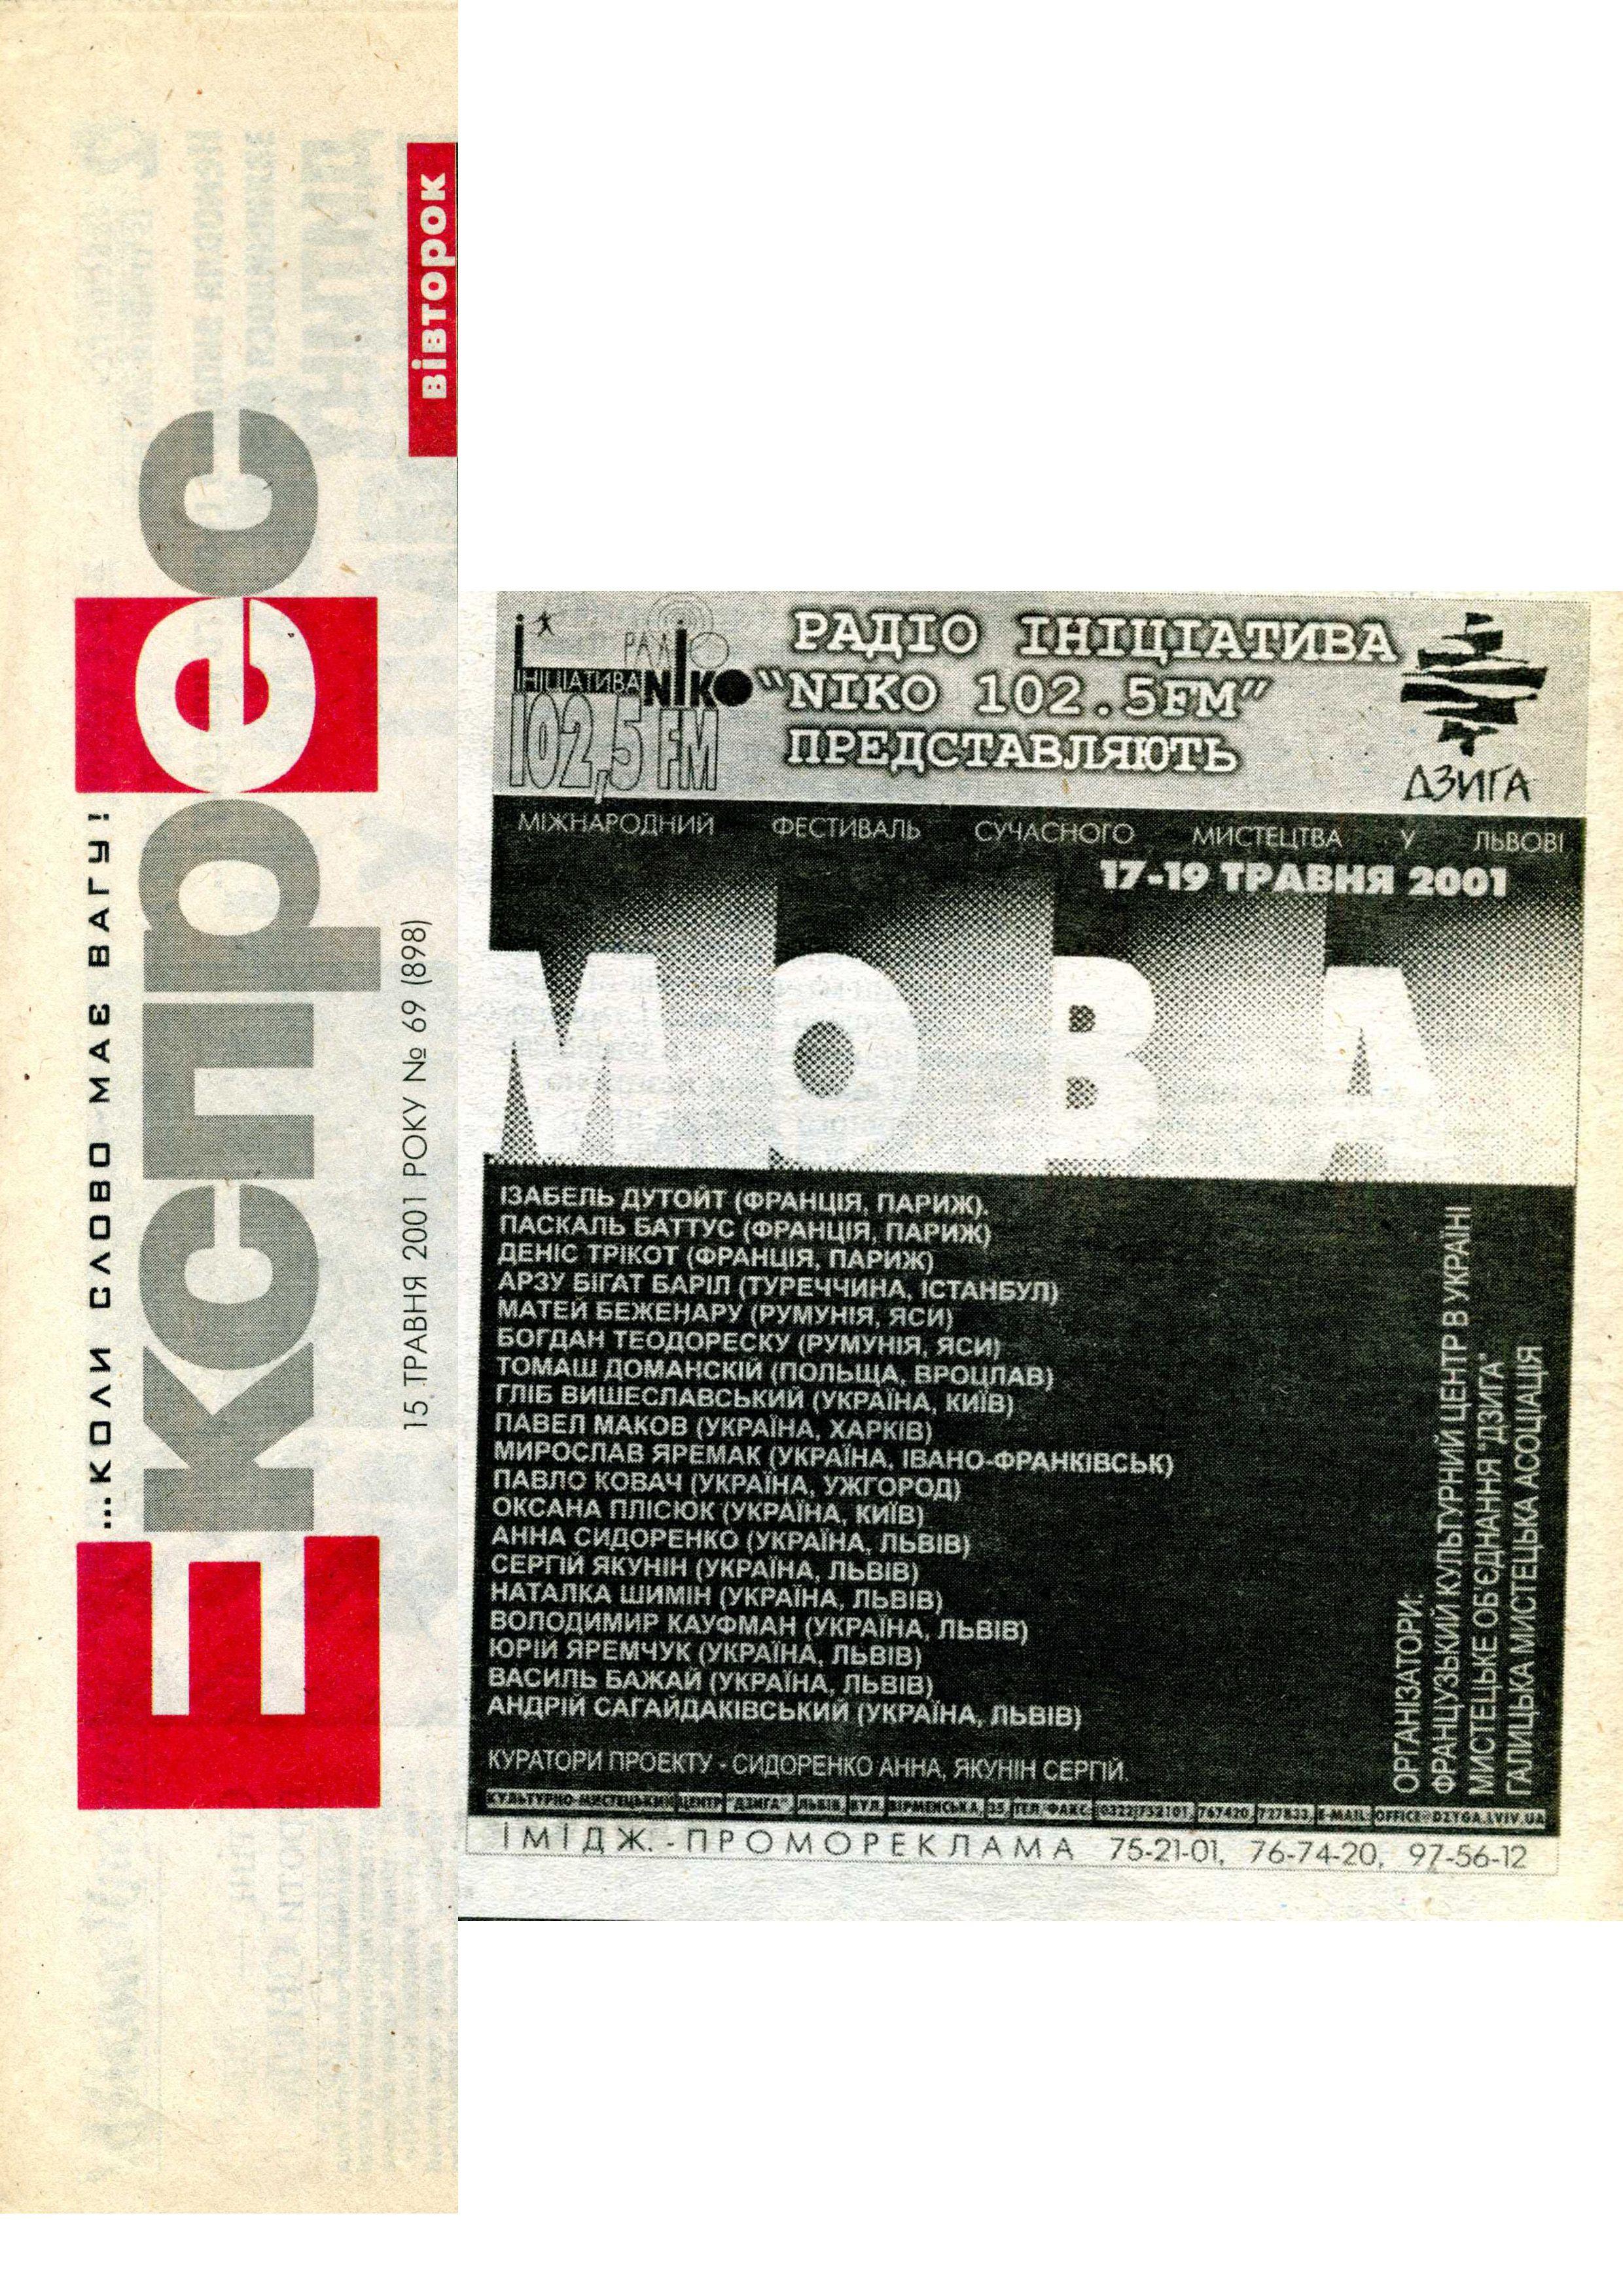 Міжнародний фестиваль «Мова». Галерея «Дзиґа», 2001, Львів